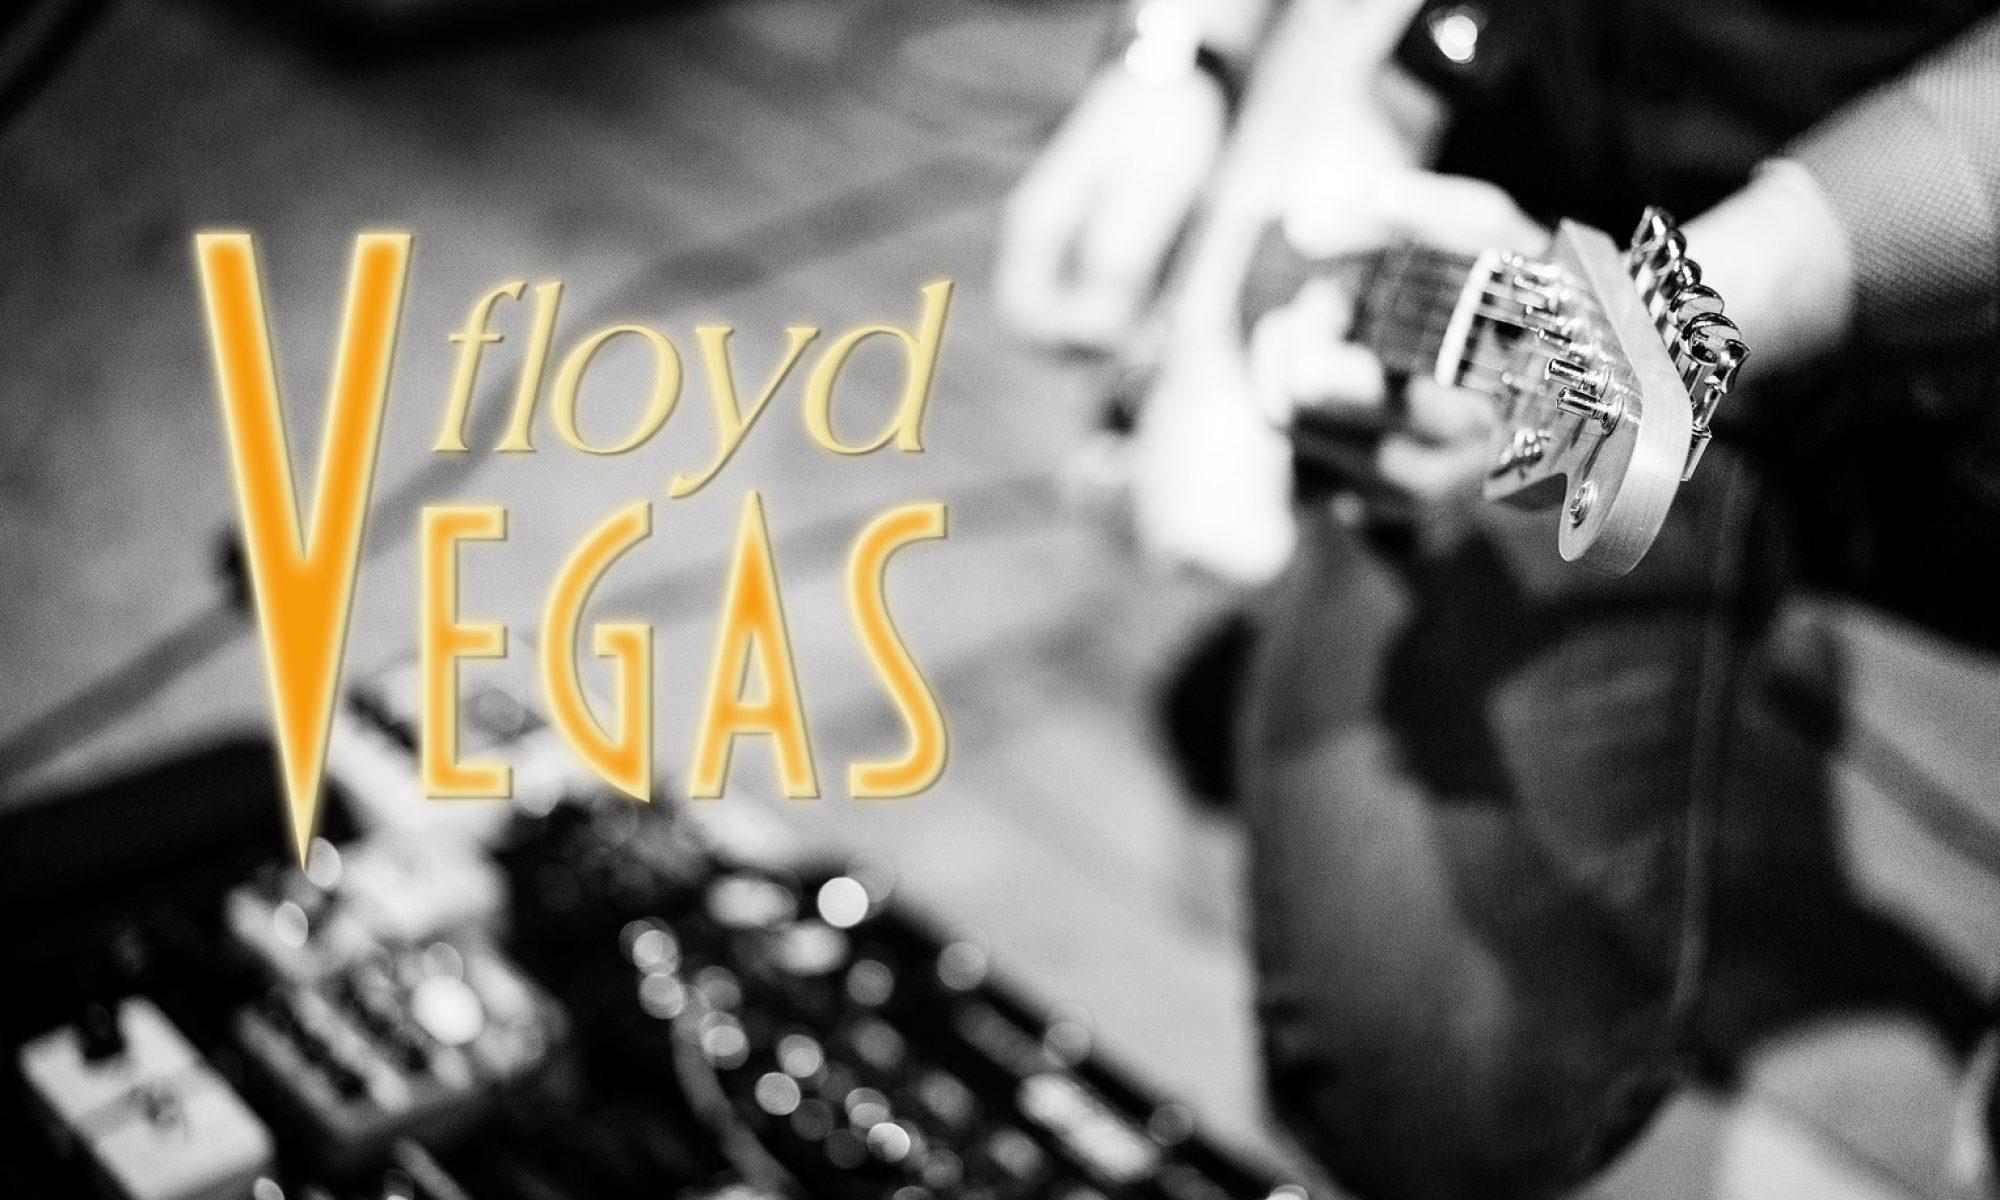 Floyd Vegas